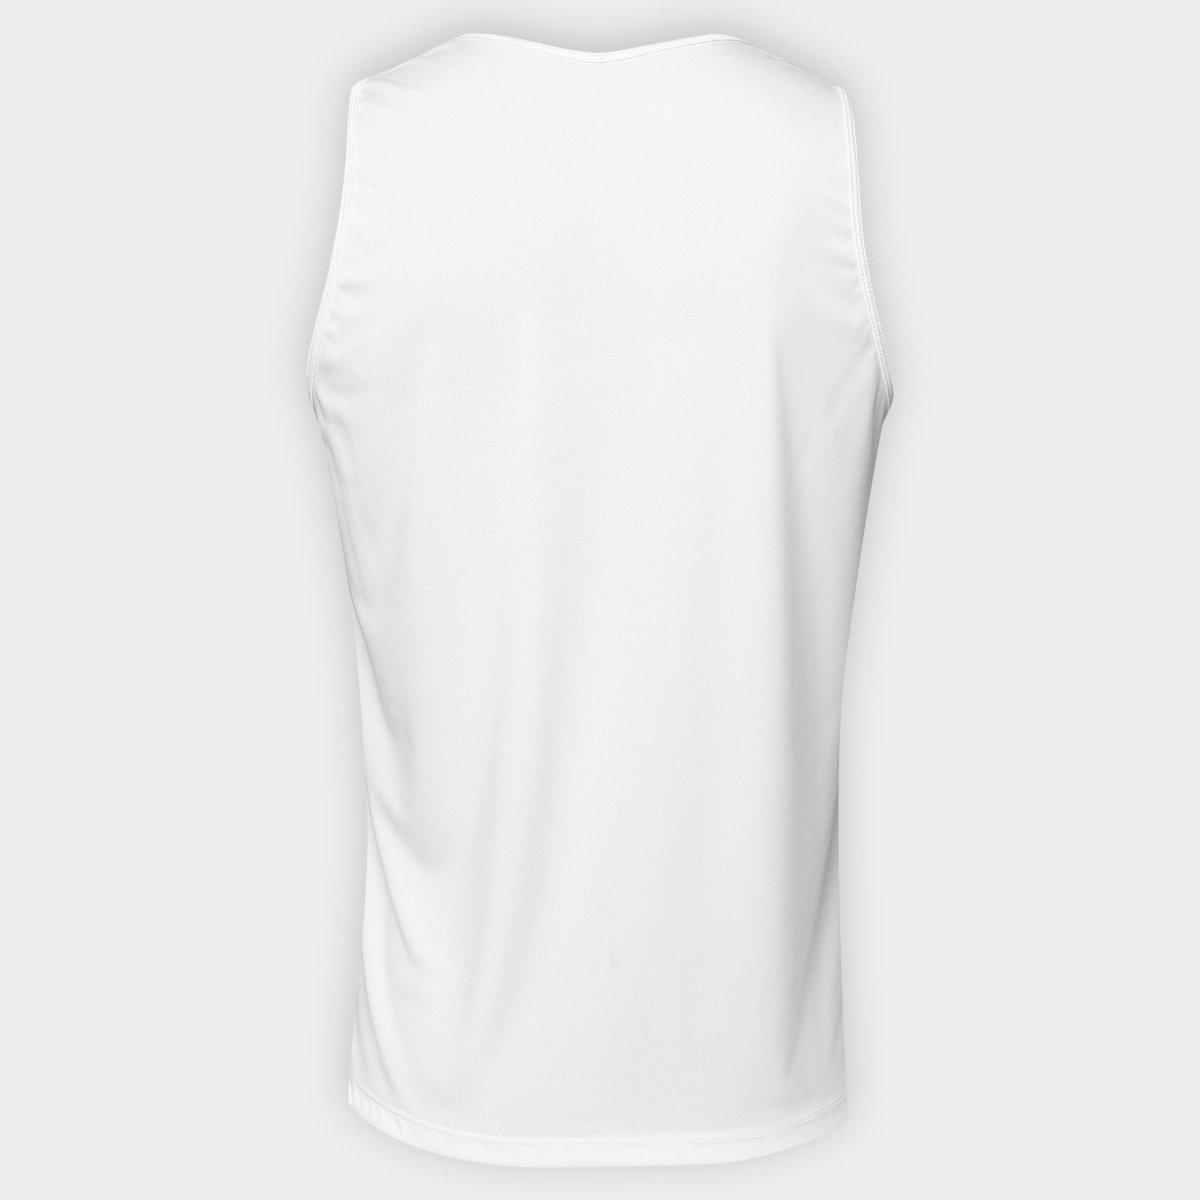 0fbab3e3de816 Camiseta Regata Santos Dalmo 17 Masculina - Compre Agora